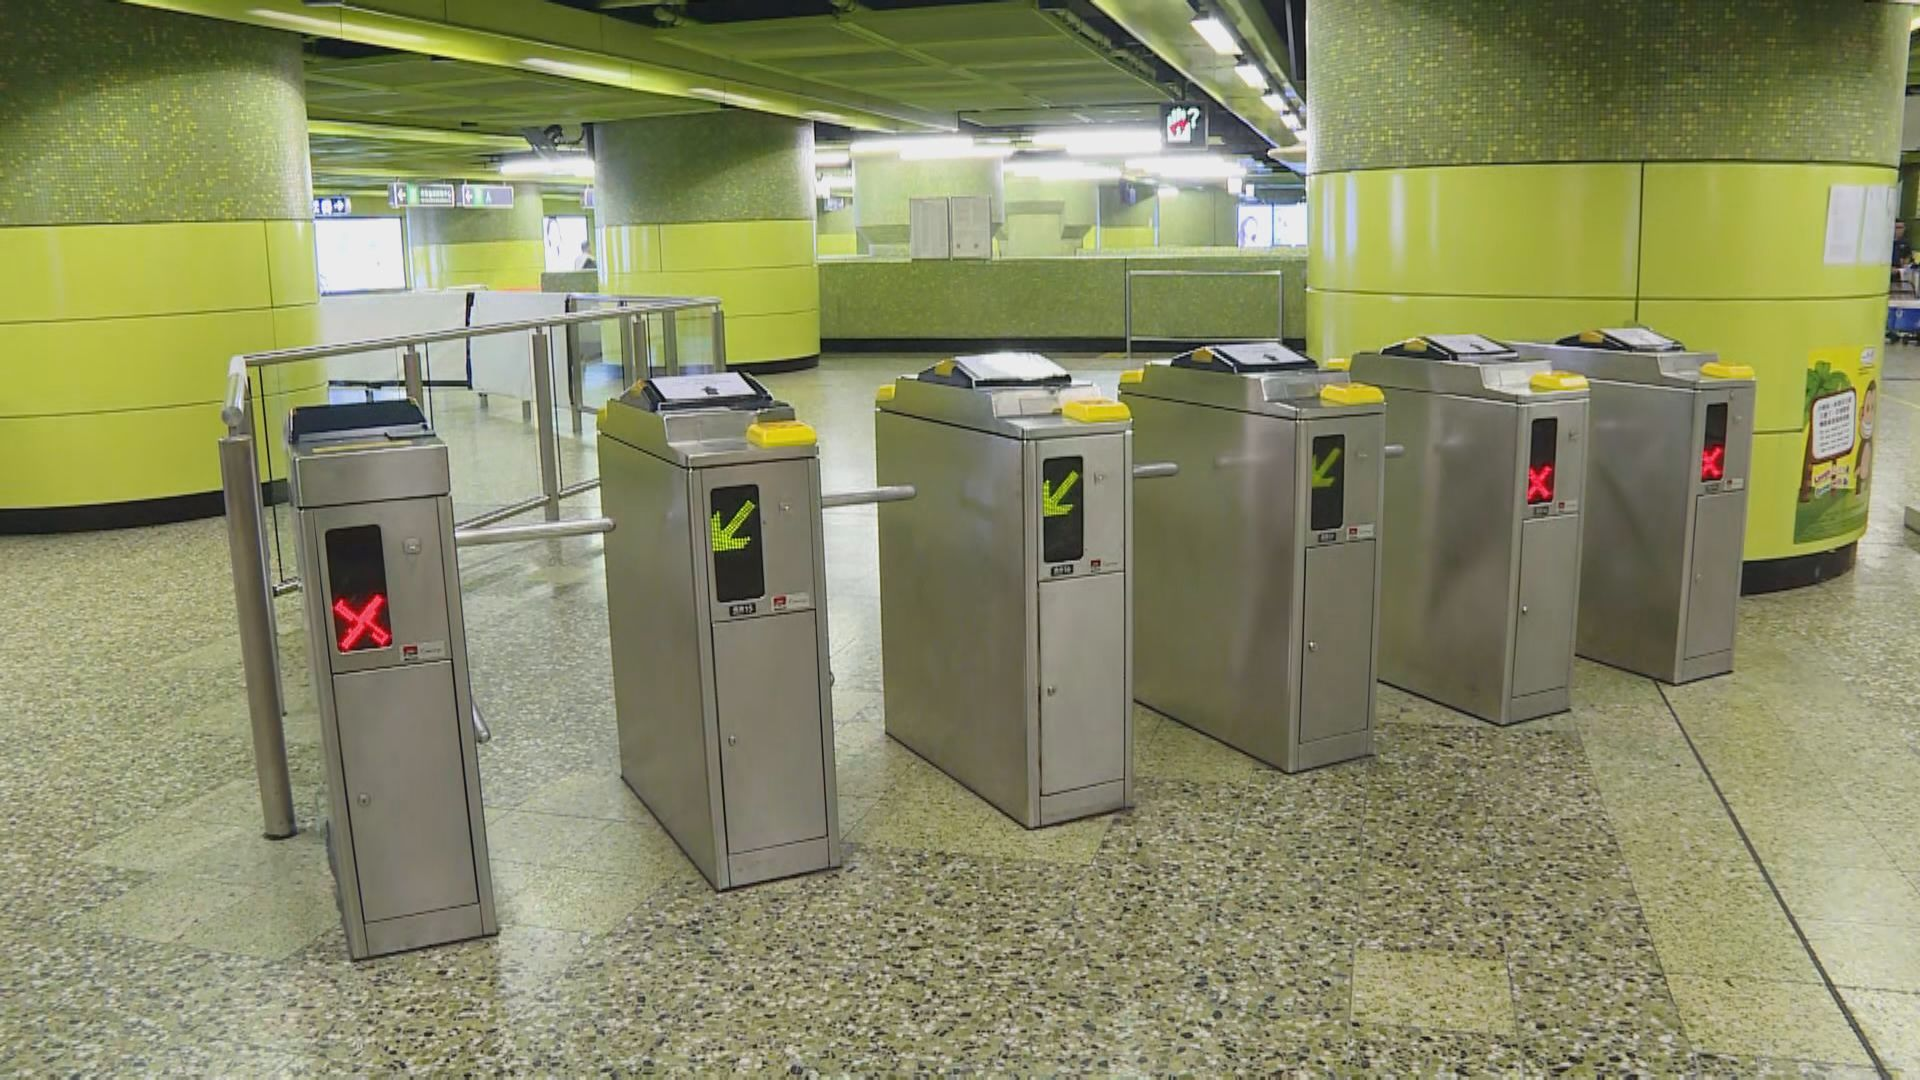 港鐵部分設施零件短缺 延長復修時間